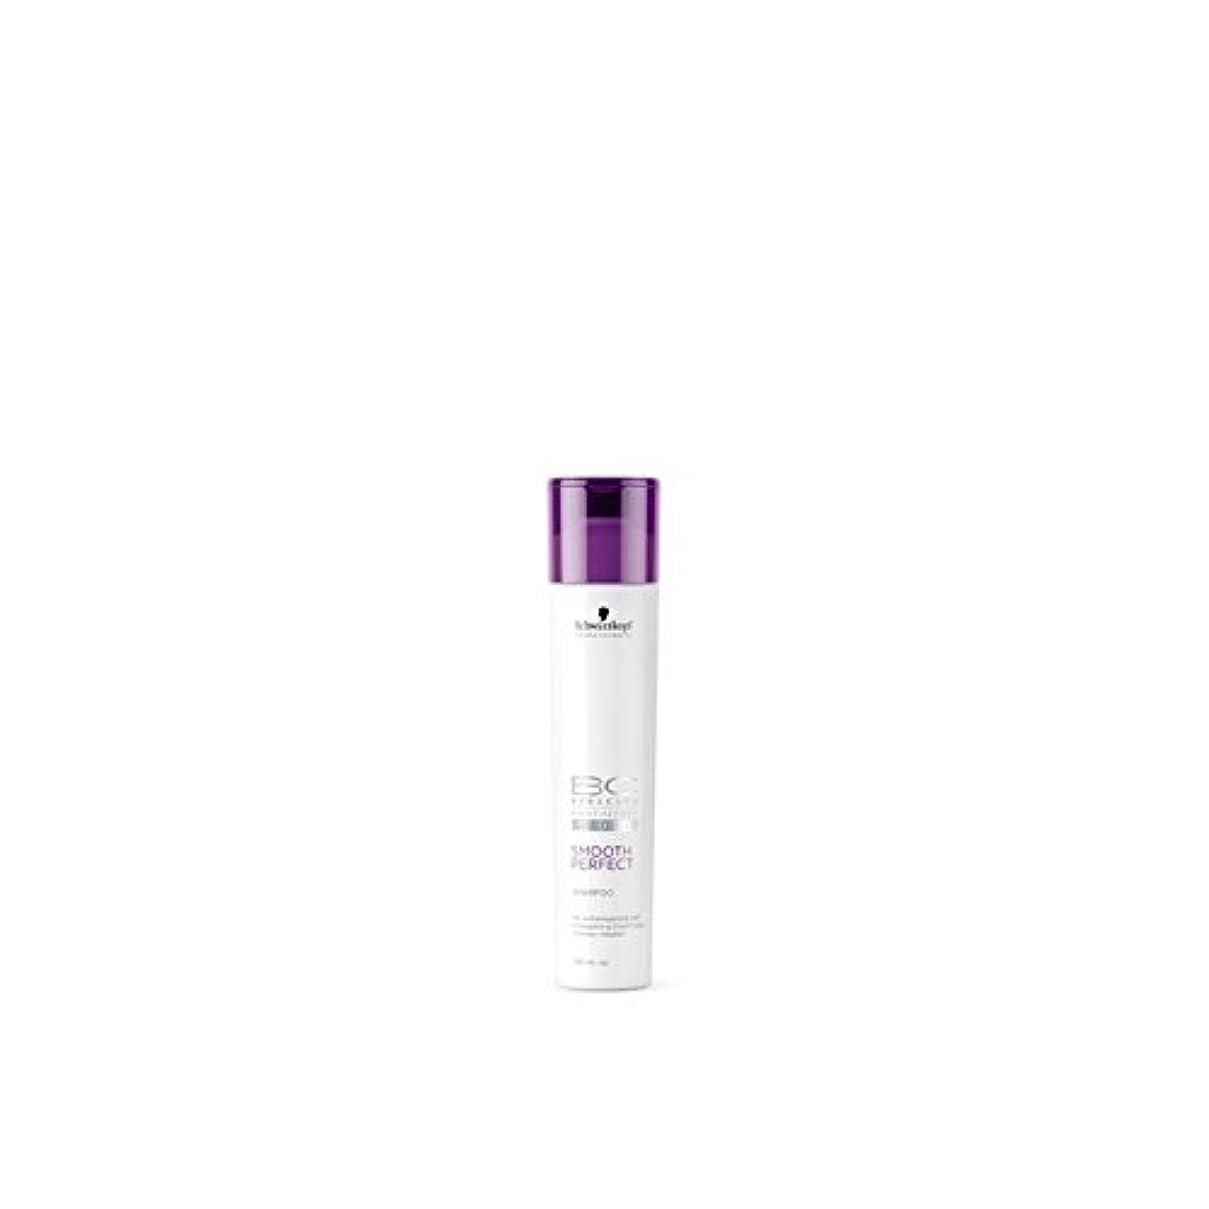 意欲雪の臭いなめらかな完璧なシャンプー(250ミリリットル)シュワルツコフ x2 - Schwarzkopf Bc Smooth Perfect Shampoo (250ml) (Pack of 2) [並行輸入品]